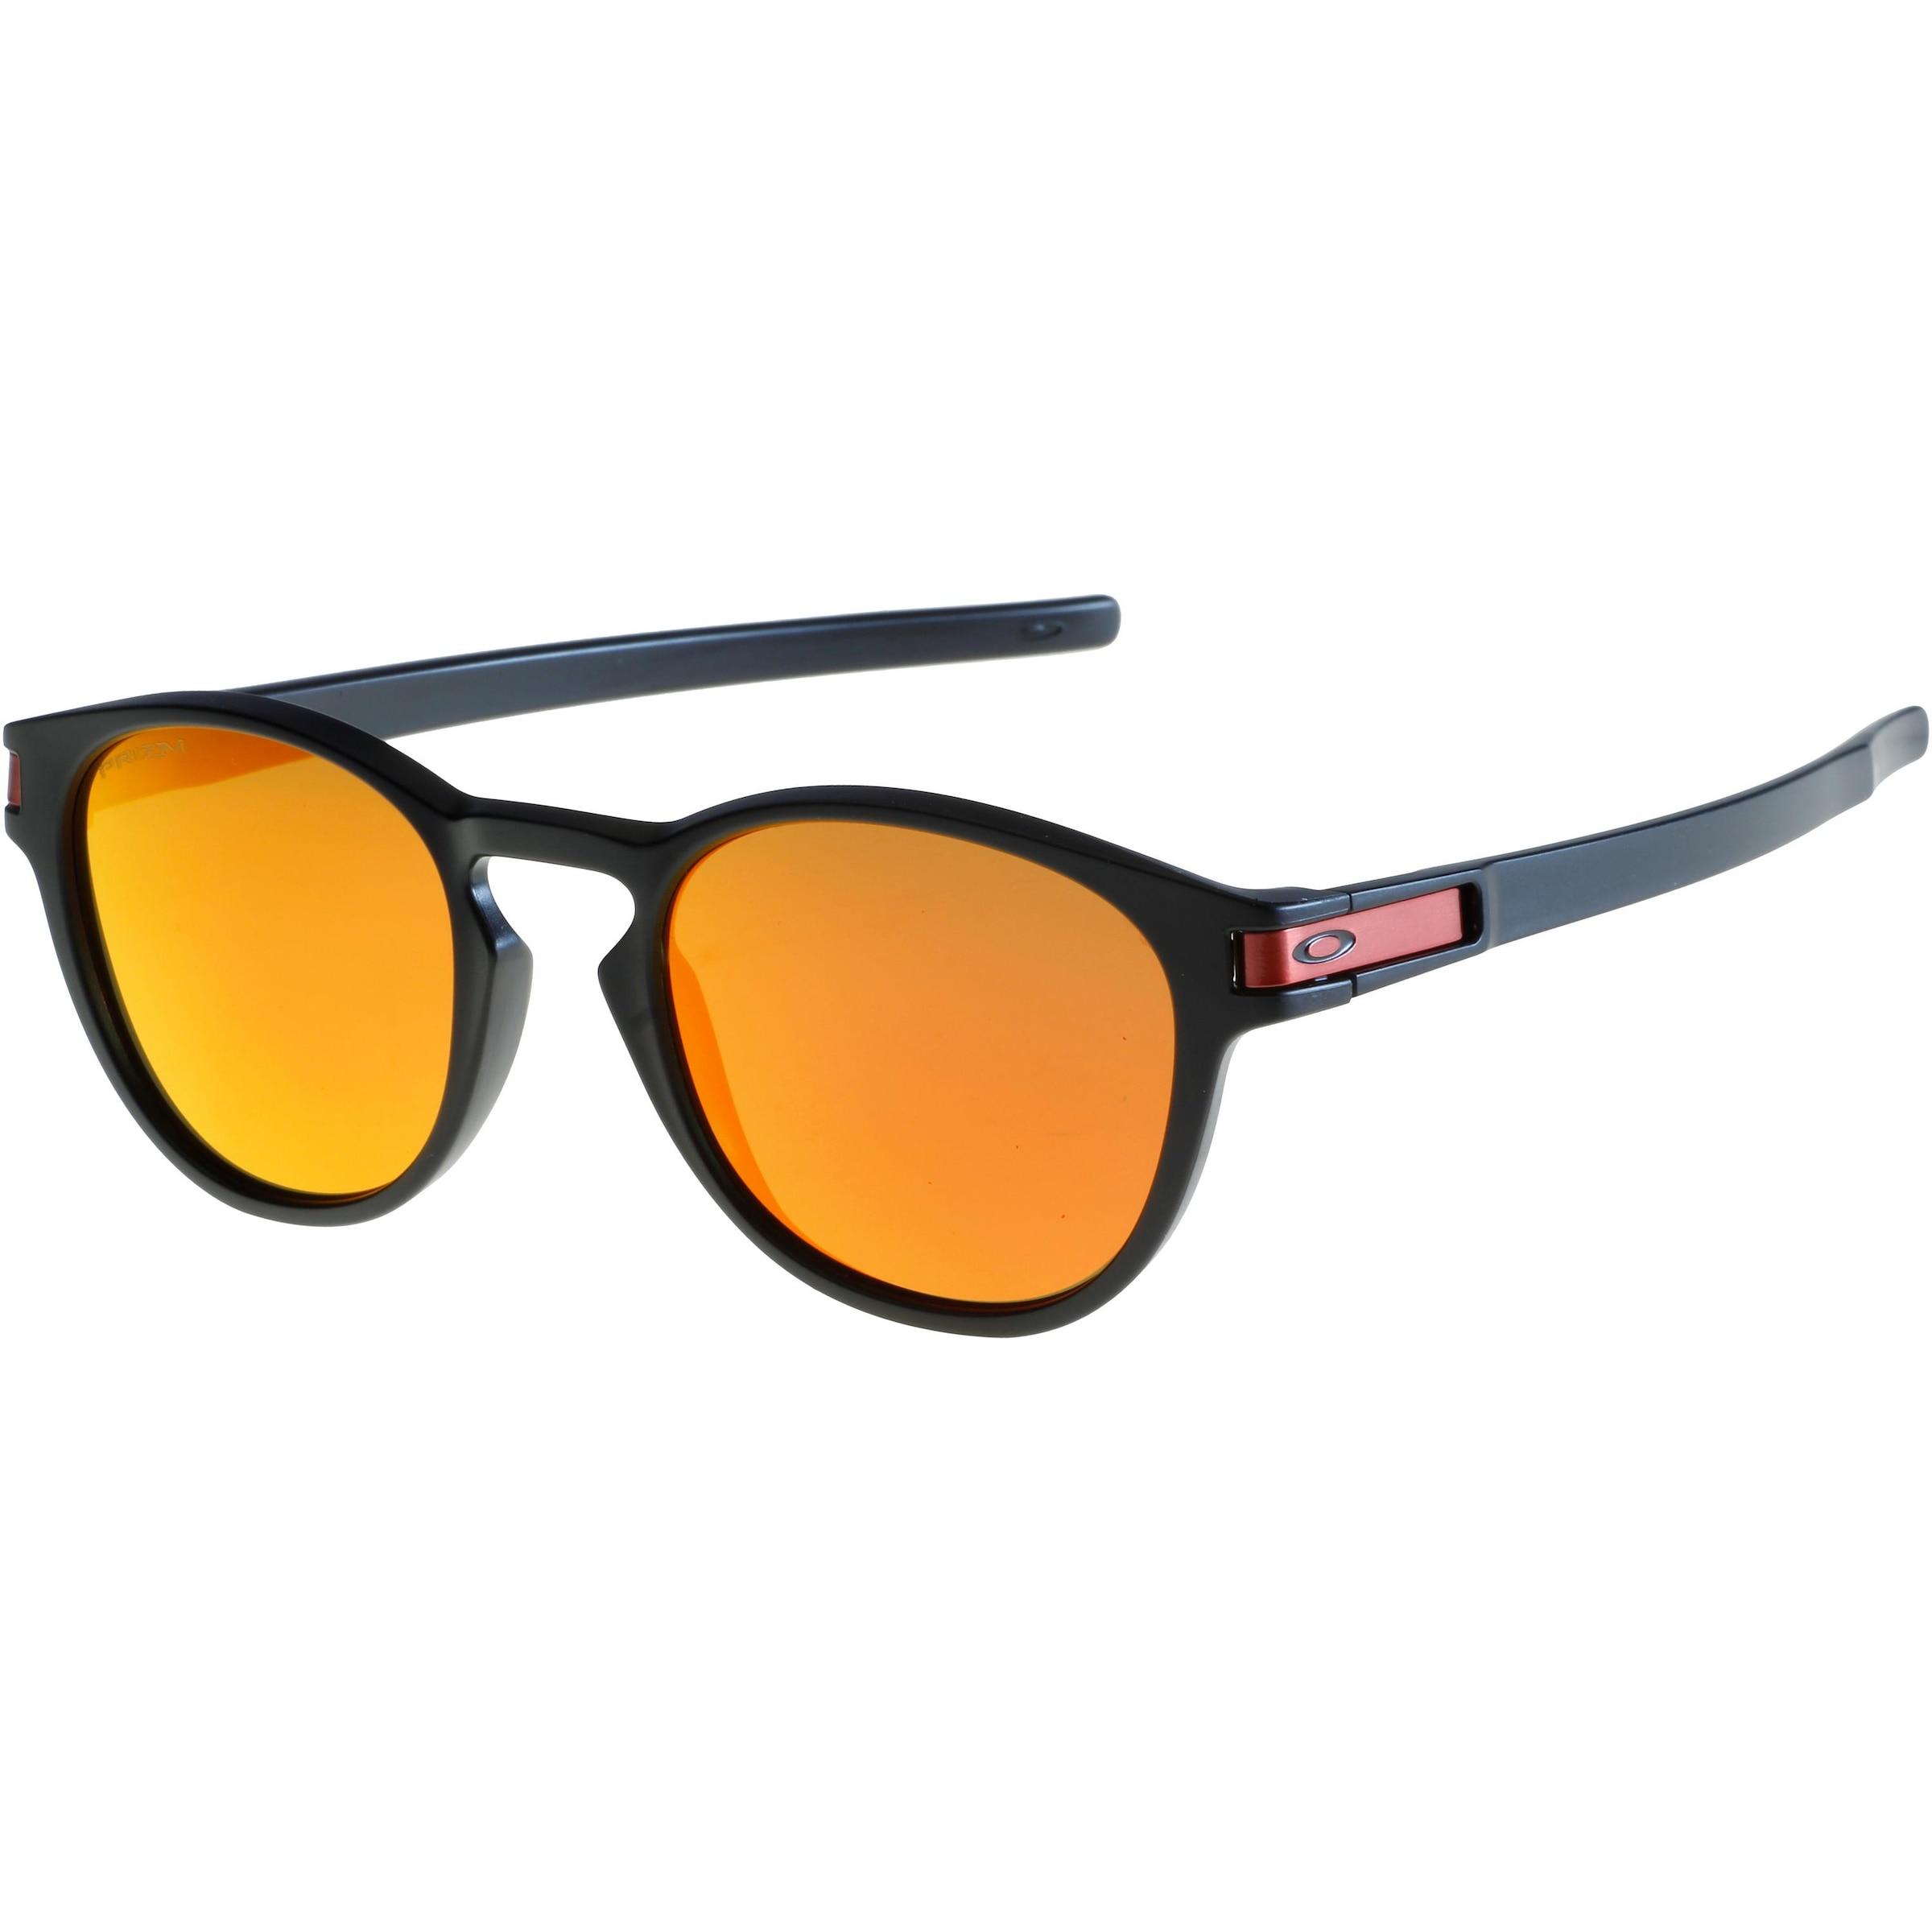 Freies Verschiffen Billig Rabatt Perfekt OAKLEY Sonnenbrille 'Latch' Bequem Online H5aLH